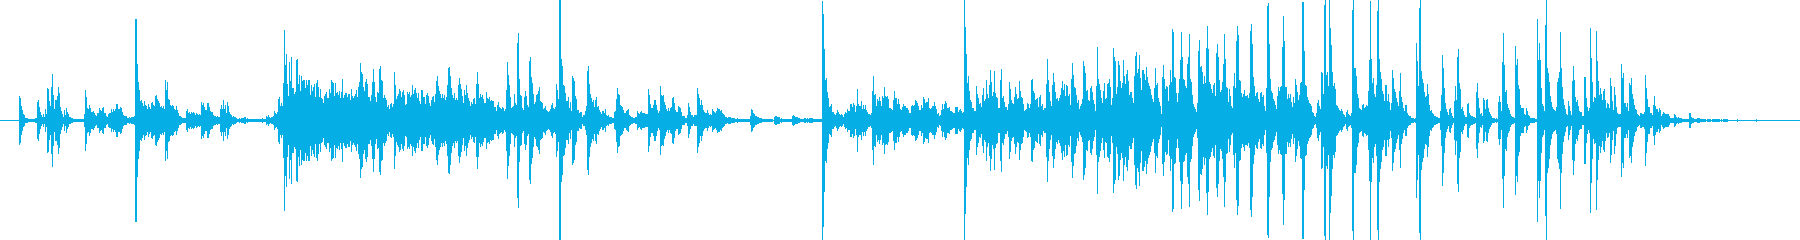 メタル クリークストレスミディアム03の再生済みの波形